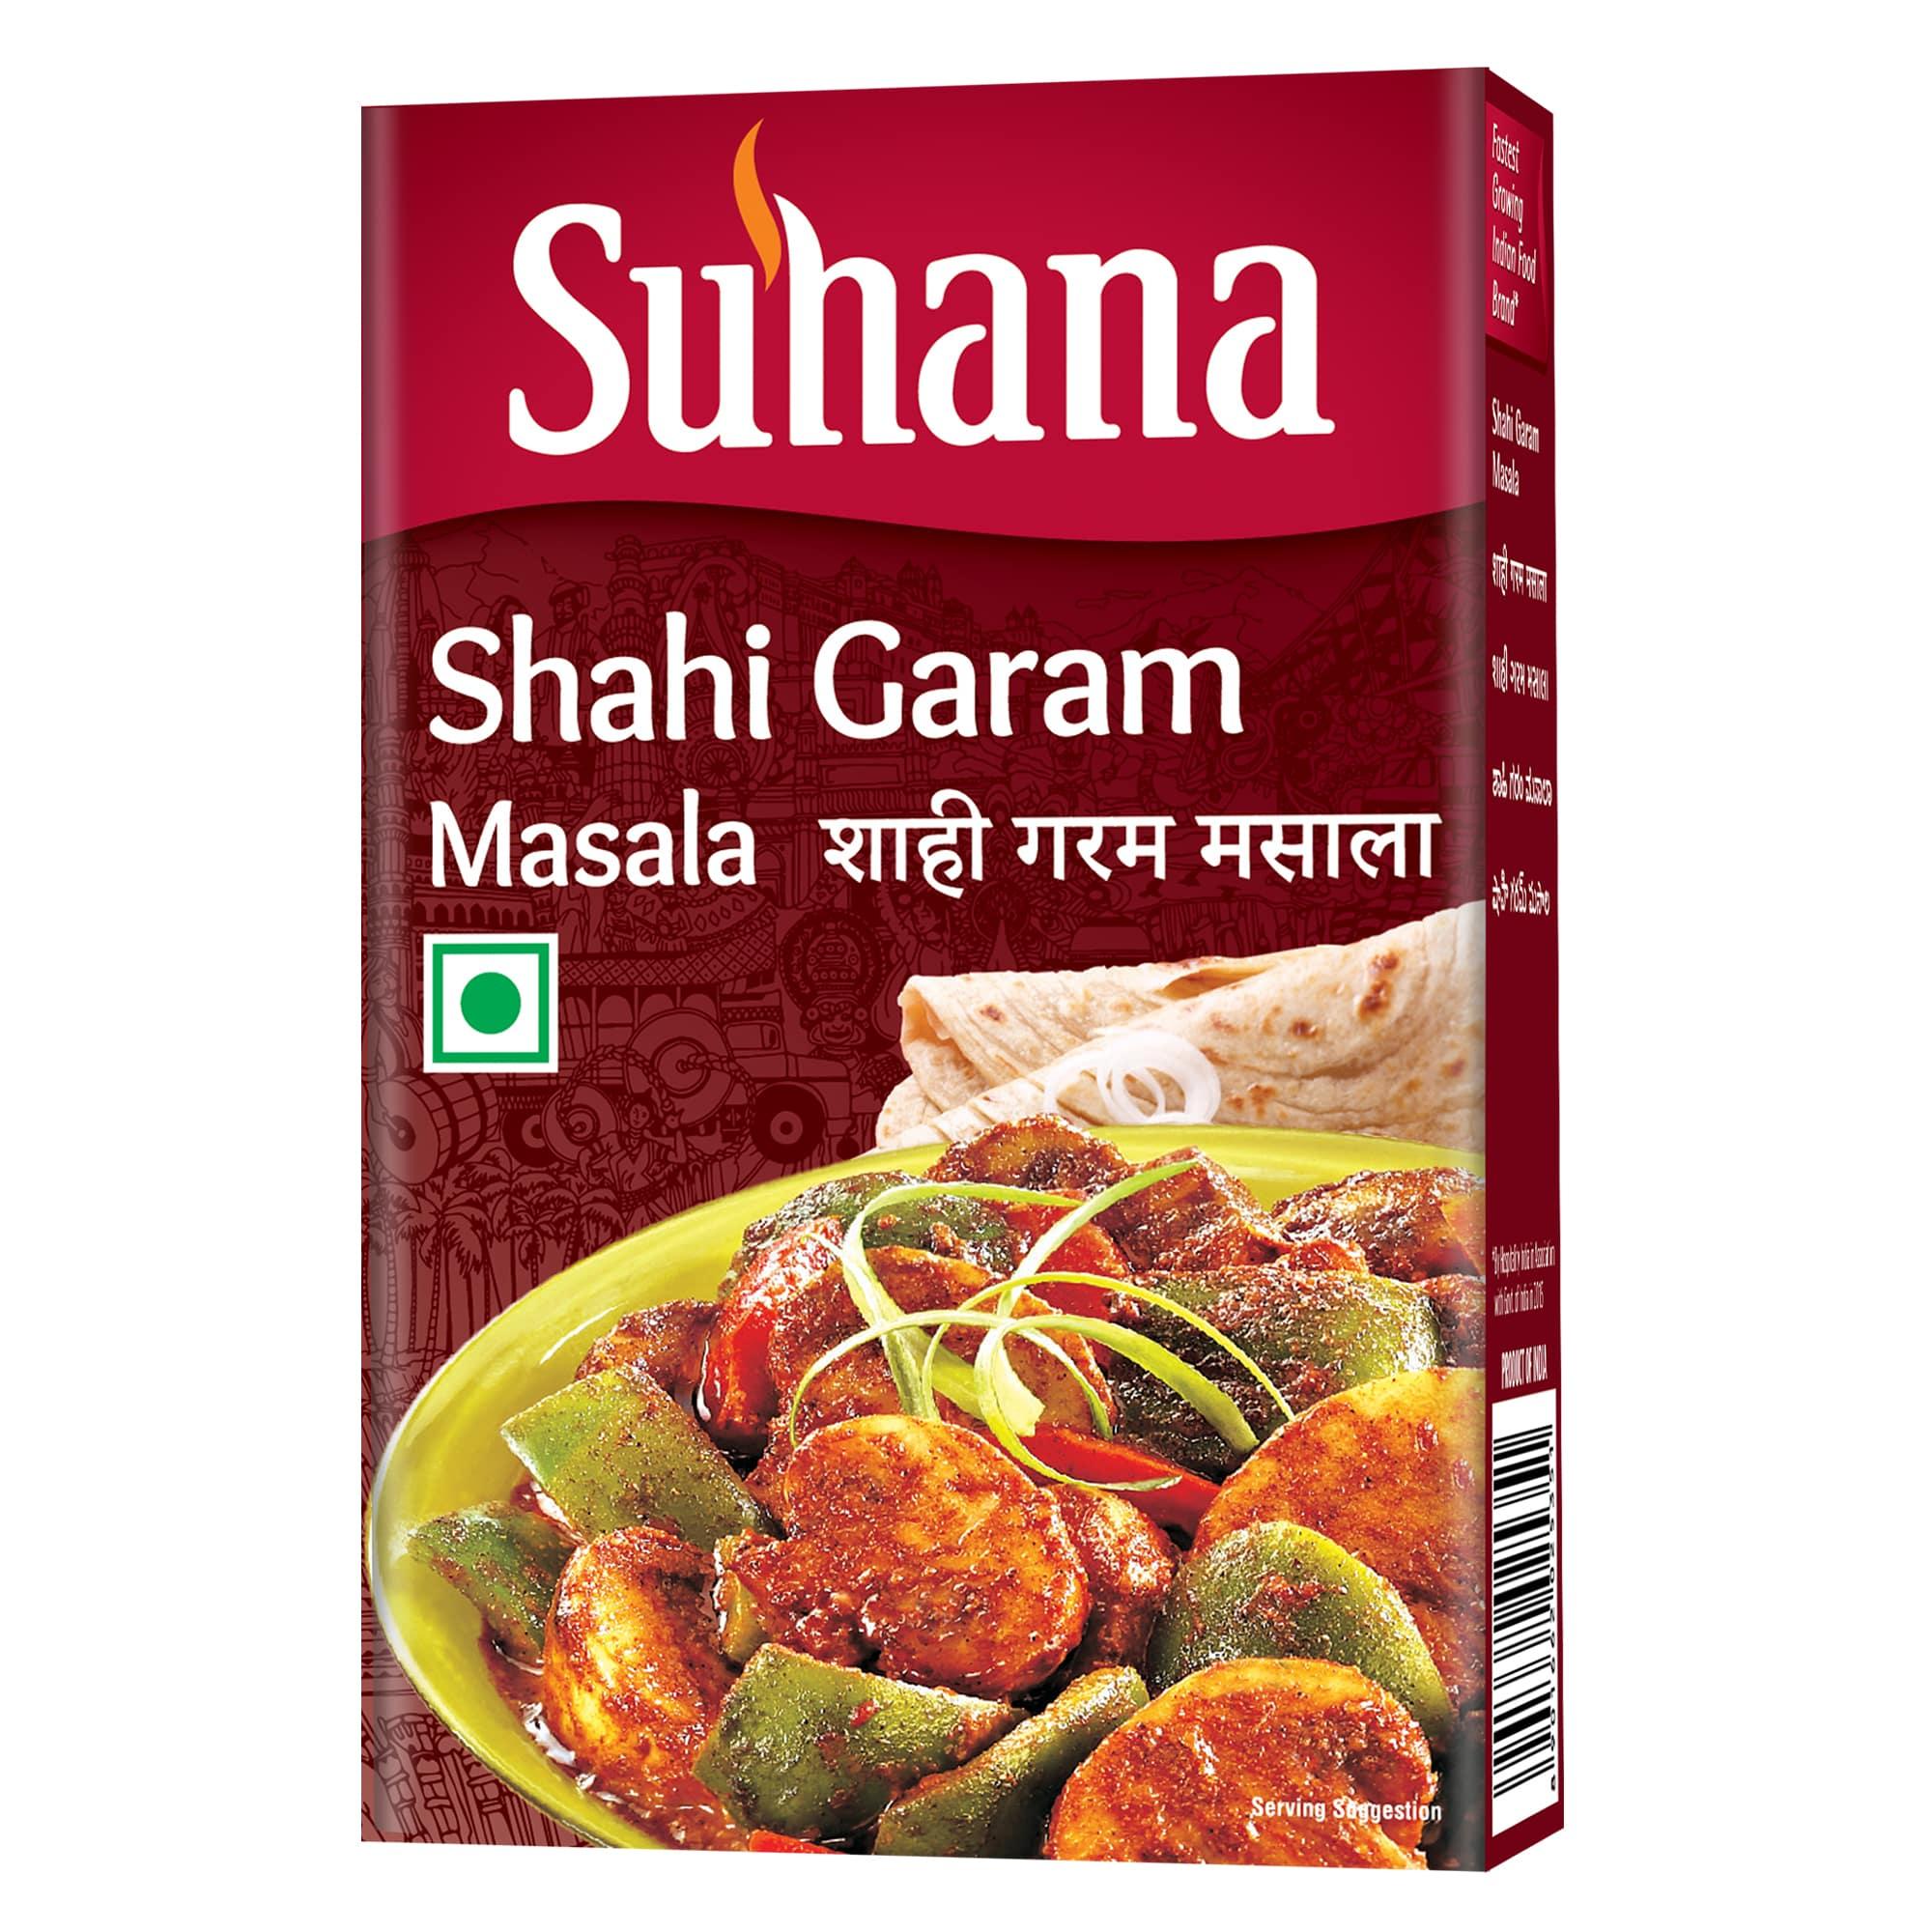 Suhana Shahi Garam Masala